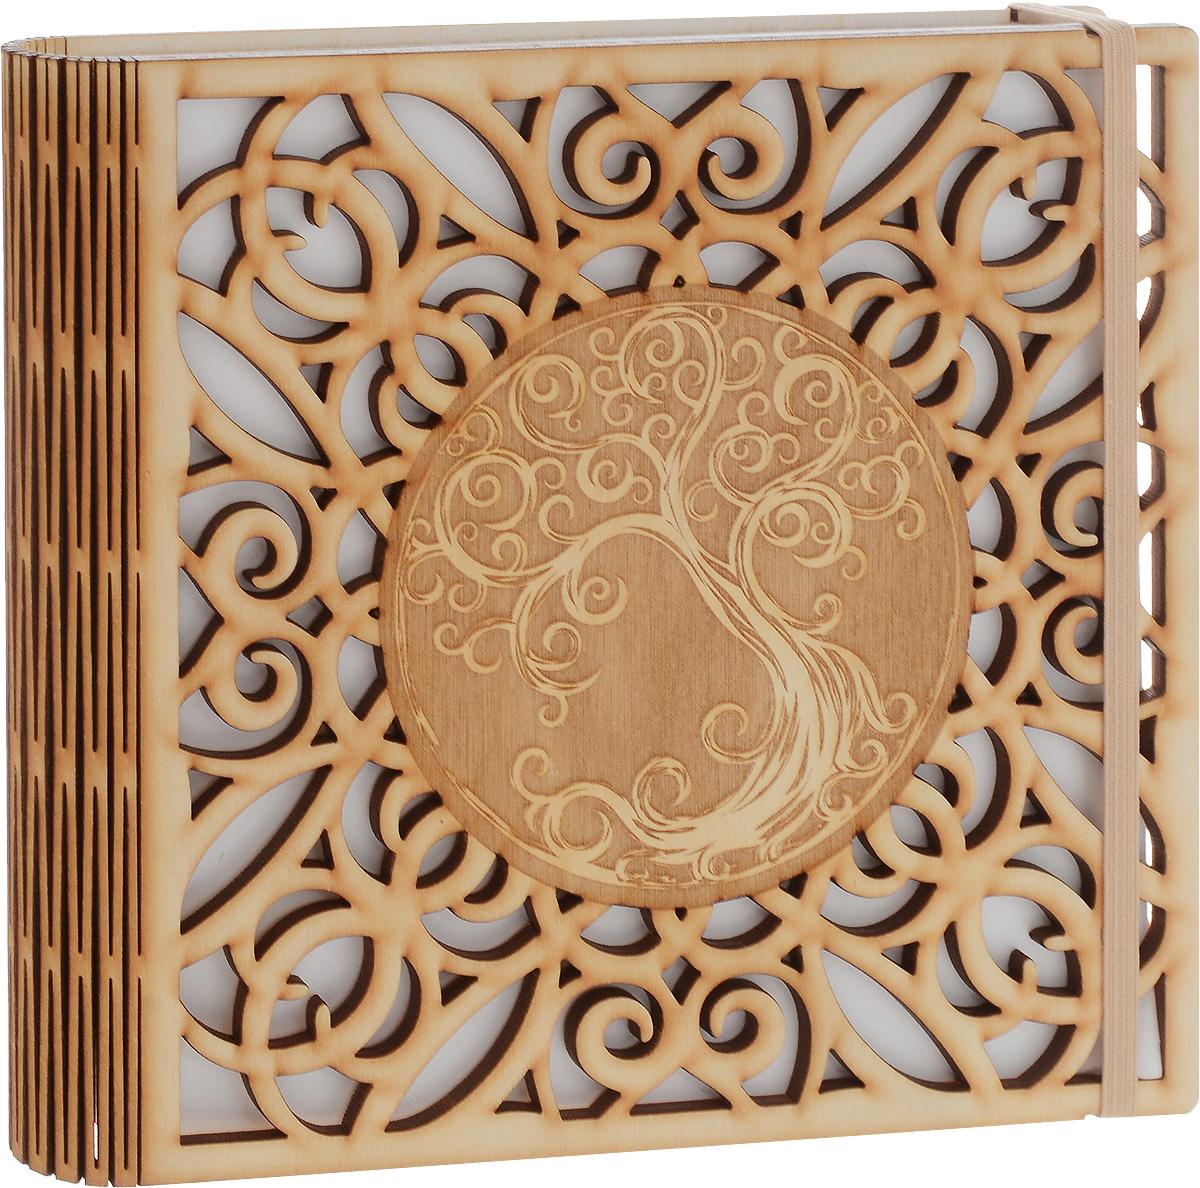 Фолиант Блокнот 170 листов БЛФ-19БЛФ-19Обложка блокнота Фолиант выполнена из экологически чистой фанеры, приятной на ощупь, с запахом натурального дерева. Обложку можно дооформить как угодно: раскрасить рисунок, затонировать, залакировать, нанести или выжечь дополнительный узор.Внутренний блок блокнота состоит из 170 листов белой офсетной бумаги в линейку на резинке.